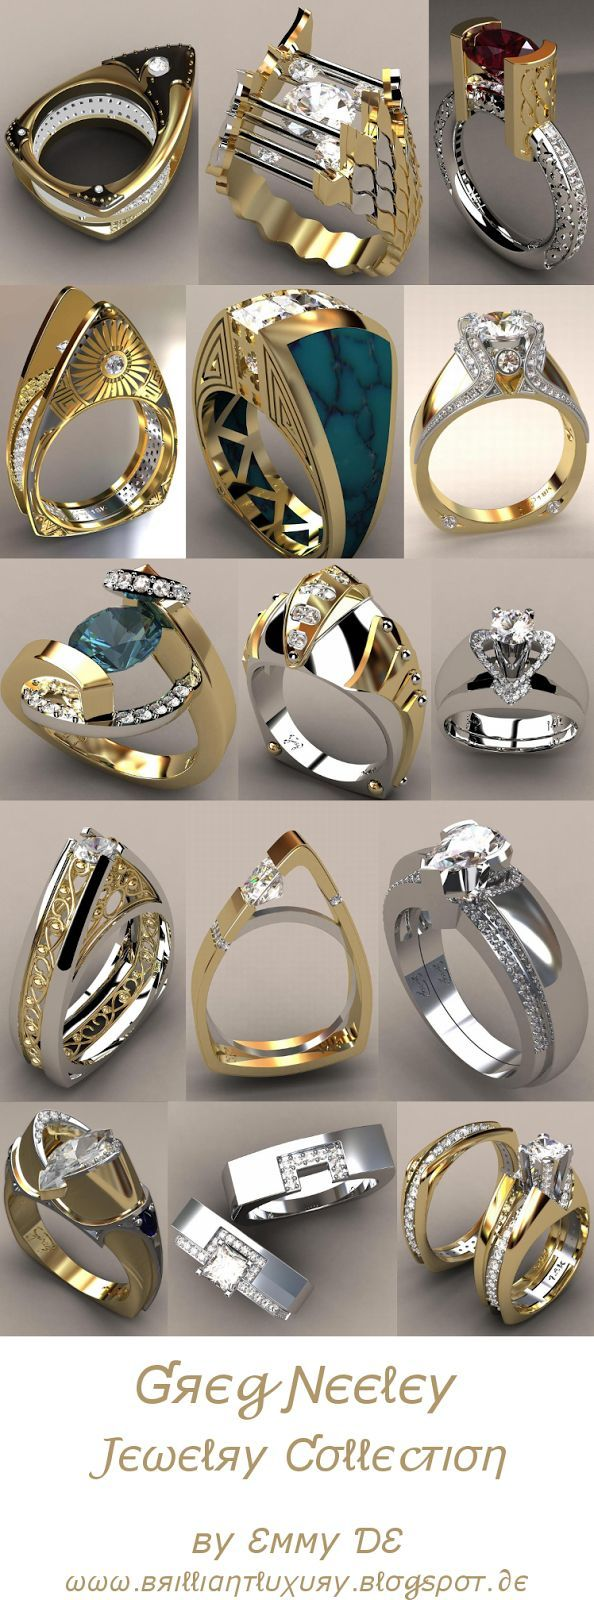 ♦Greg Neeley Jewelry Collection